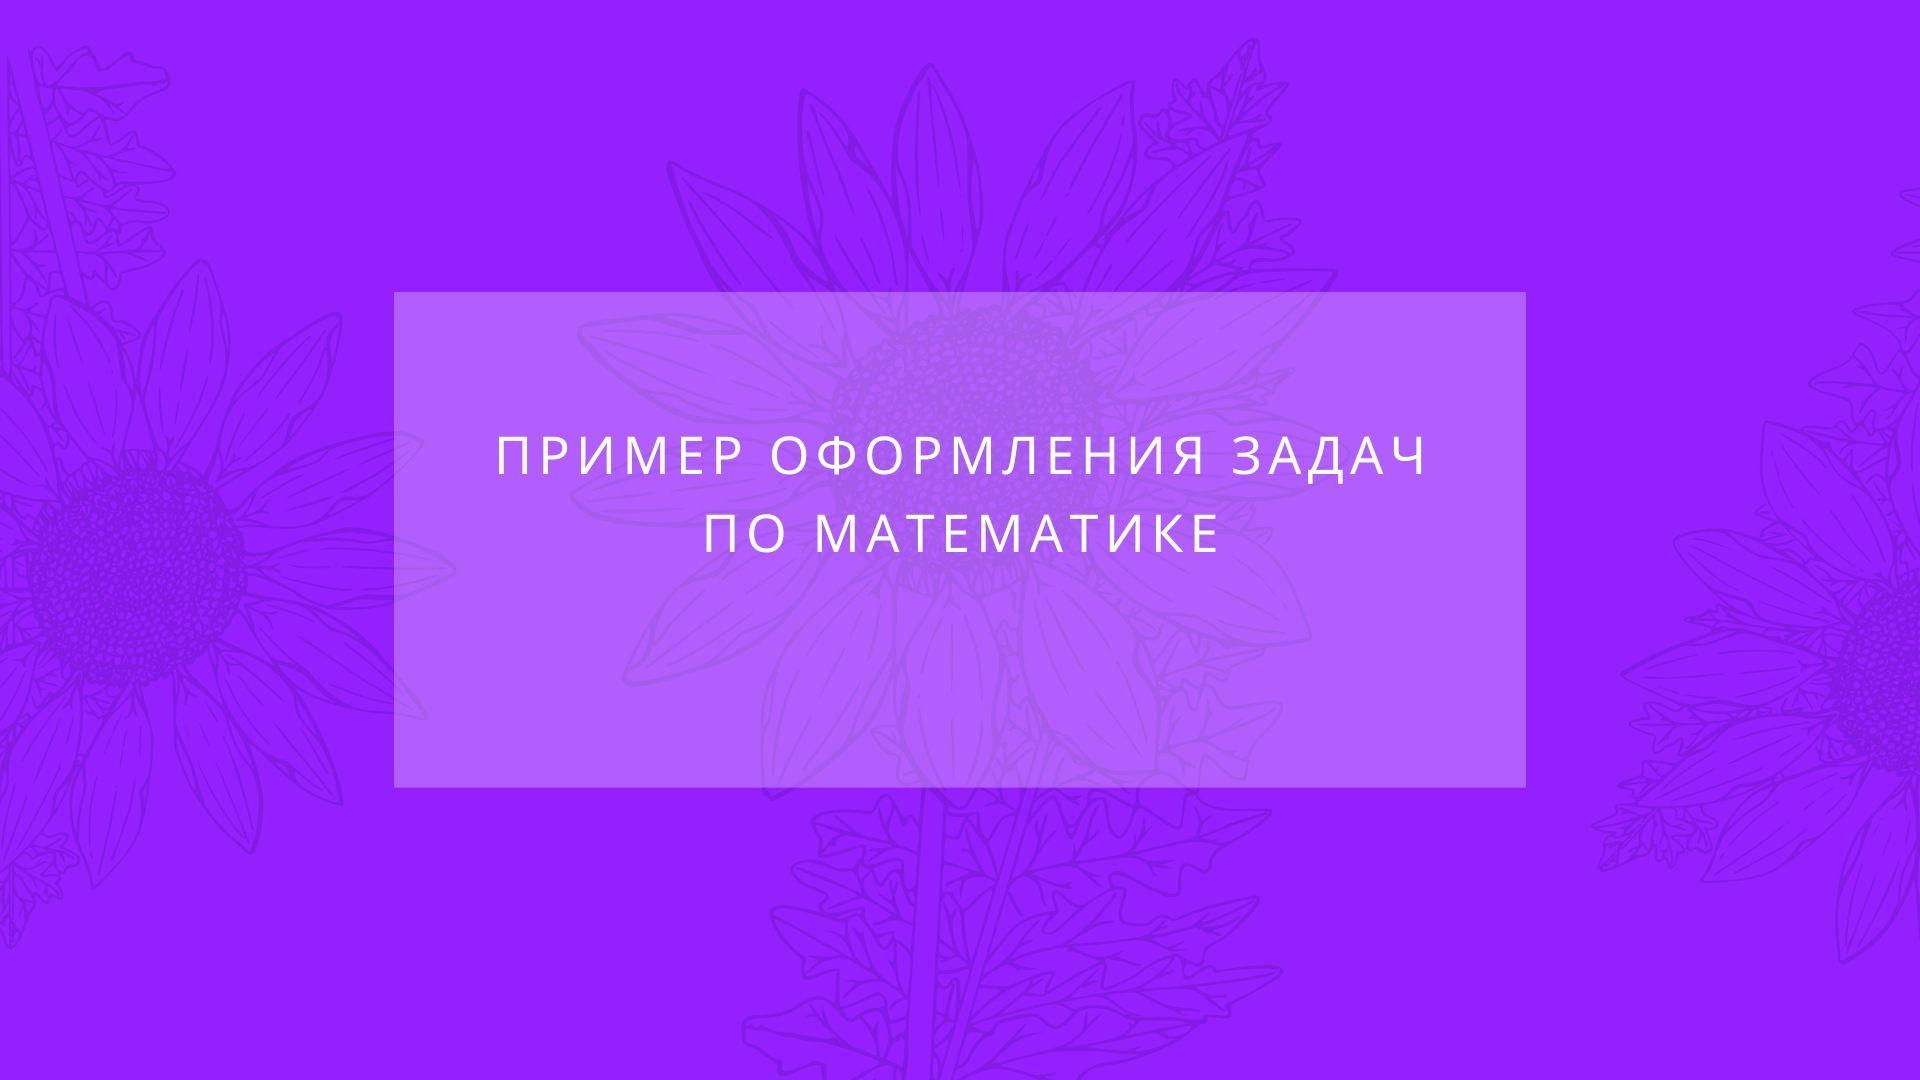 Пример оформления задач по математике